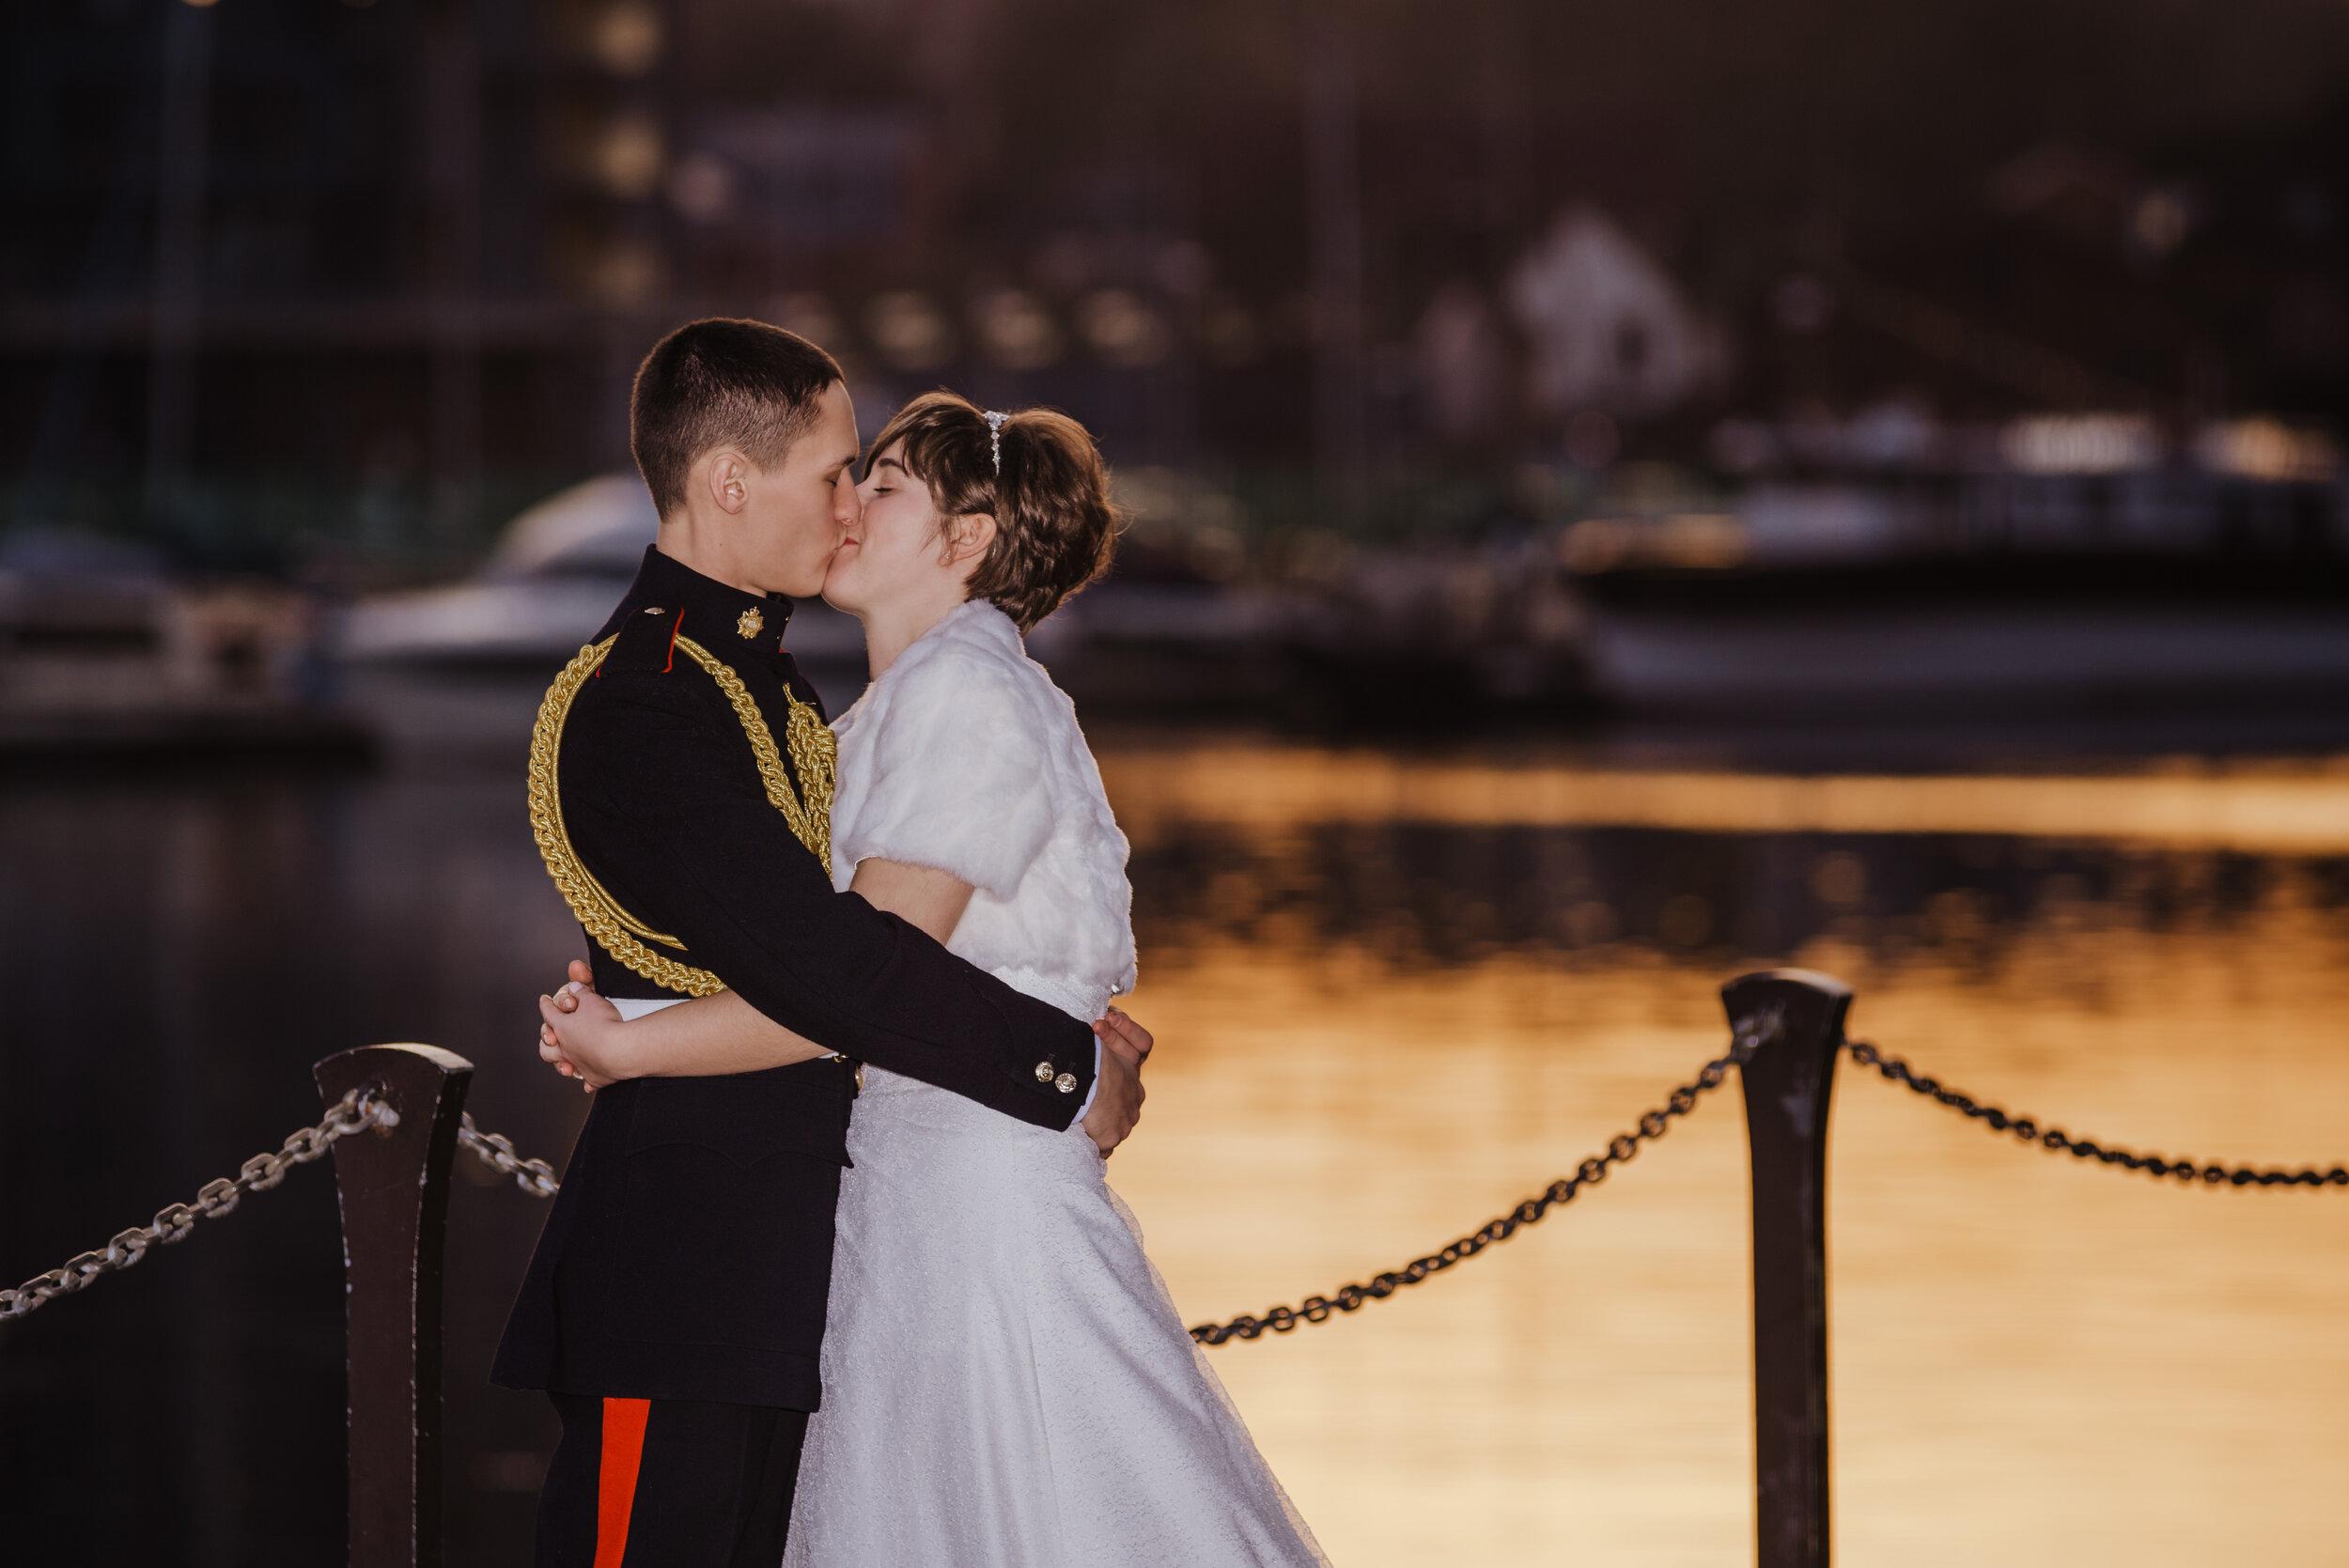 SUFFOLK_WEDDING_PHOTOGRAPHY_ISAACS_WEDDING_VENUE_WEDDINGPHOTOGRAPHERNEARME_iPSWICHWEDDINGPHOTOGRAPHER (40).jpg